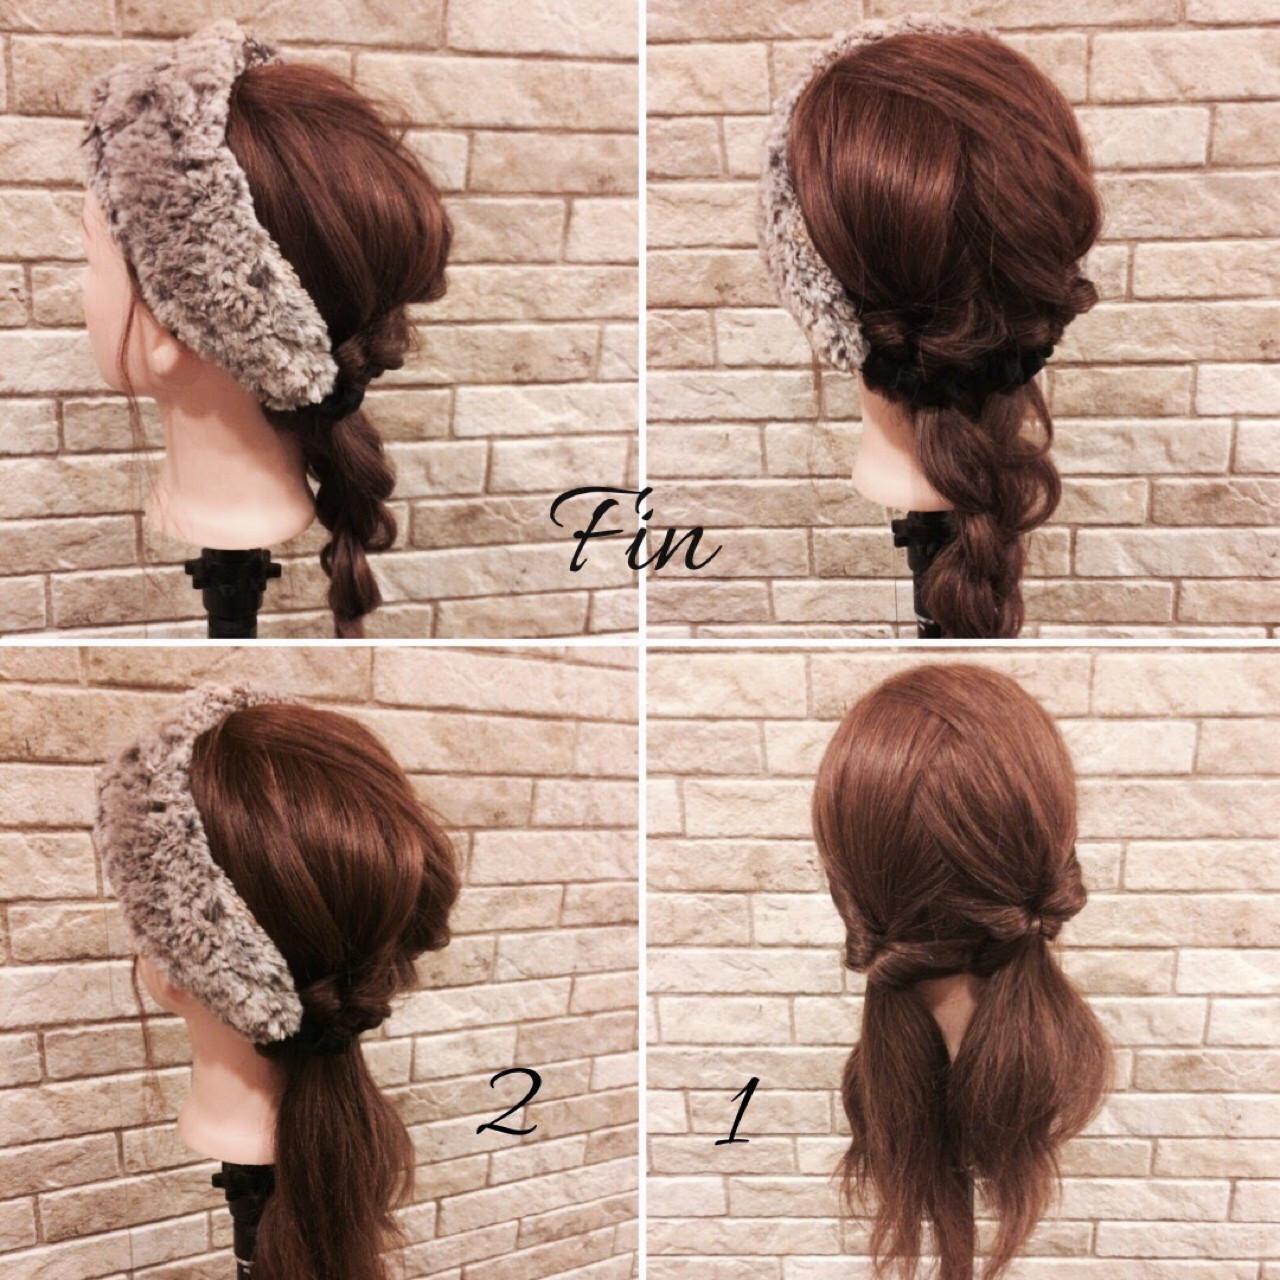 簡単ヘアアレンジ デート ヘアアレンジ ヘアアクセ ヘアスタイルや髪型の写真・画像